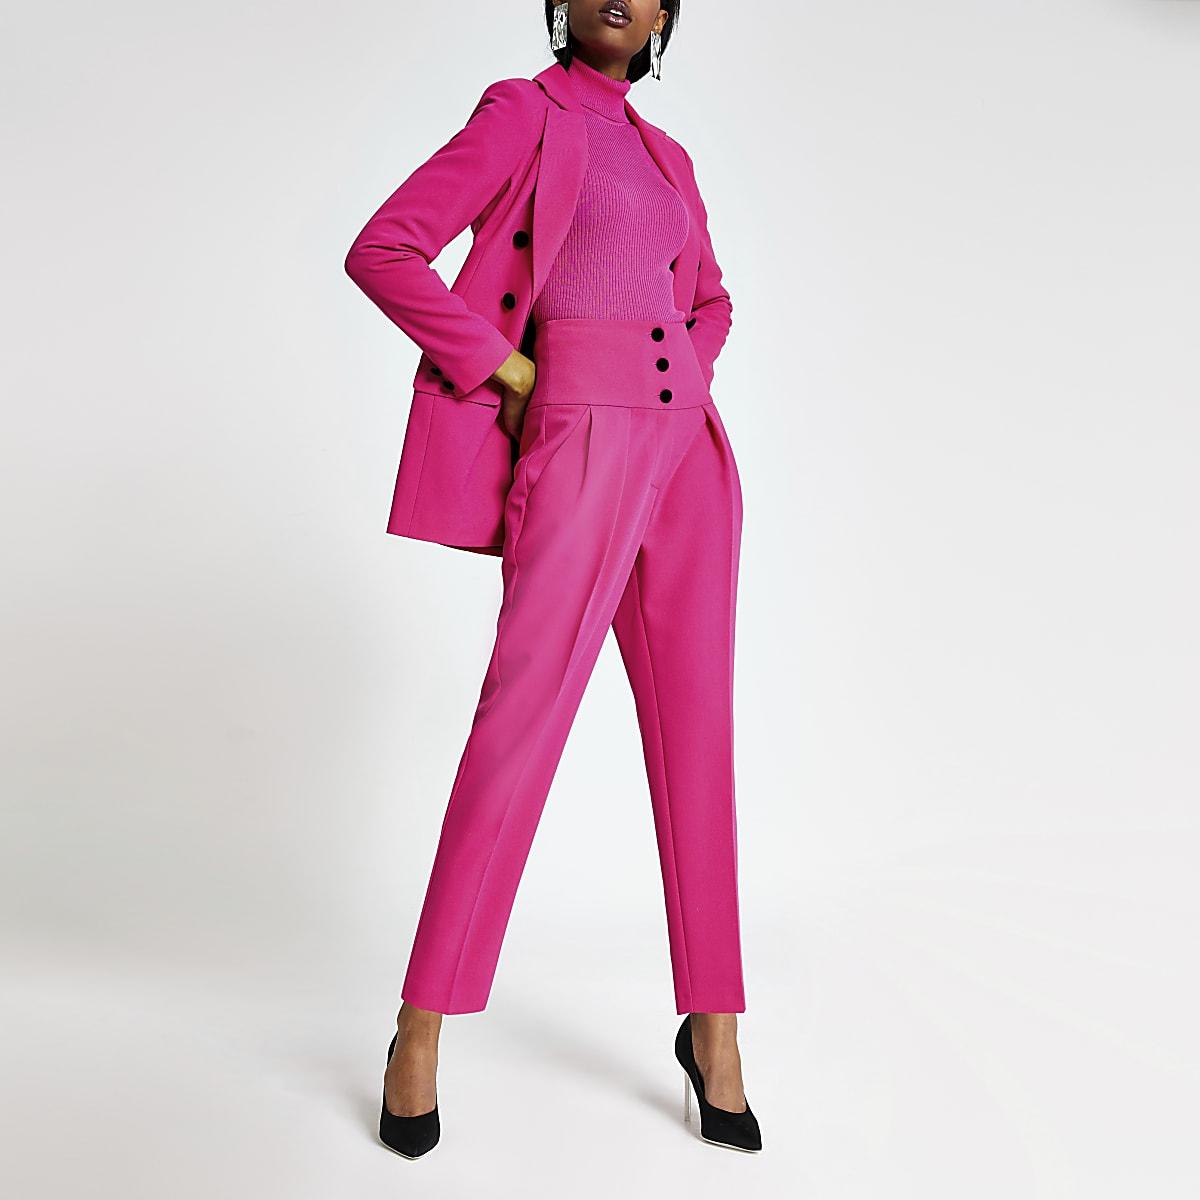 Roze smaltoelopende broek met hoge korste-taille